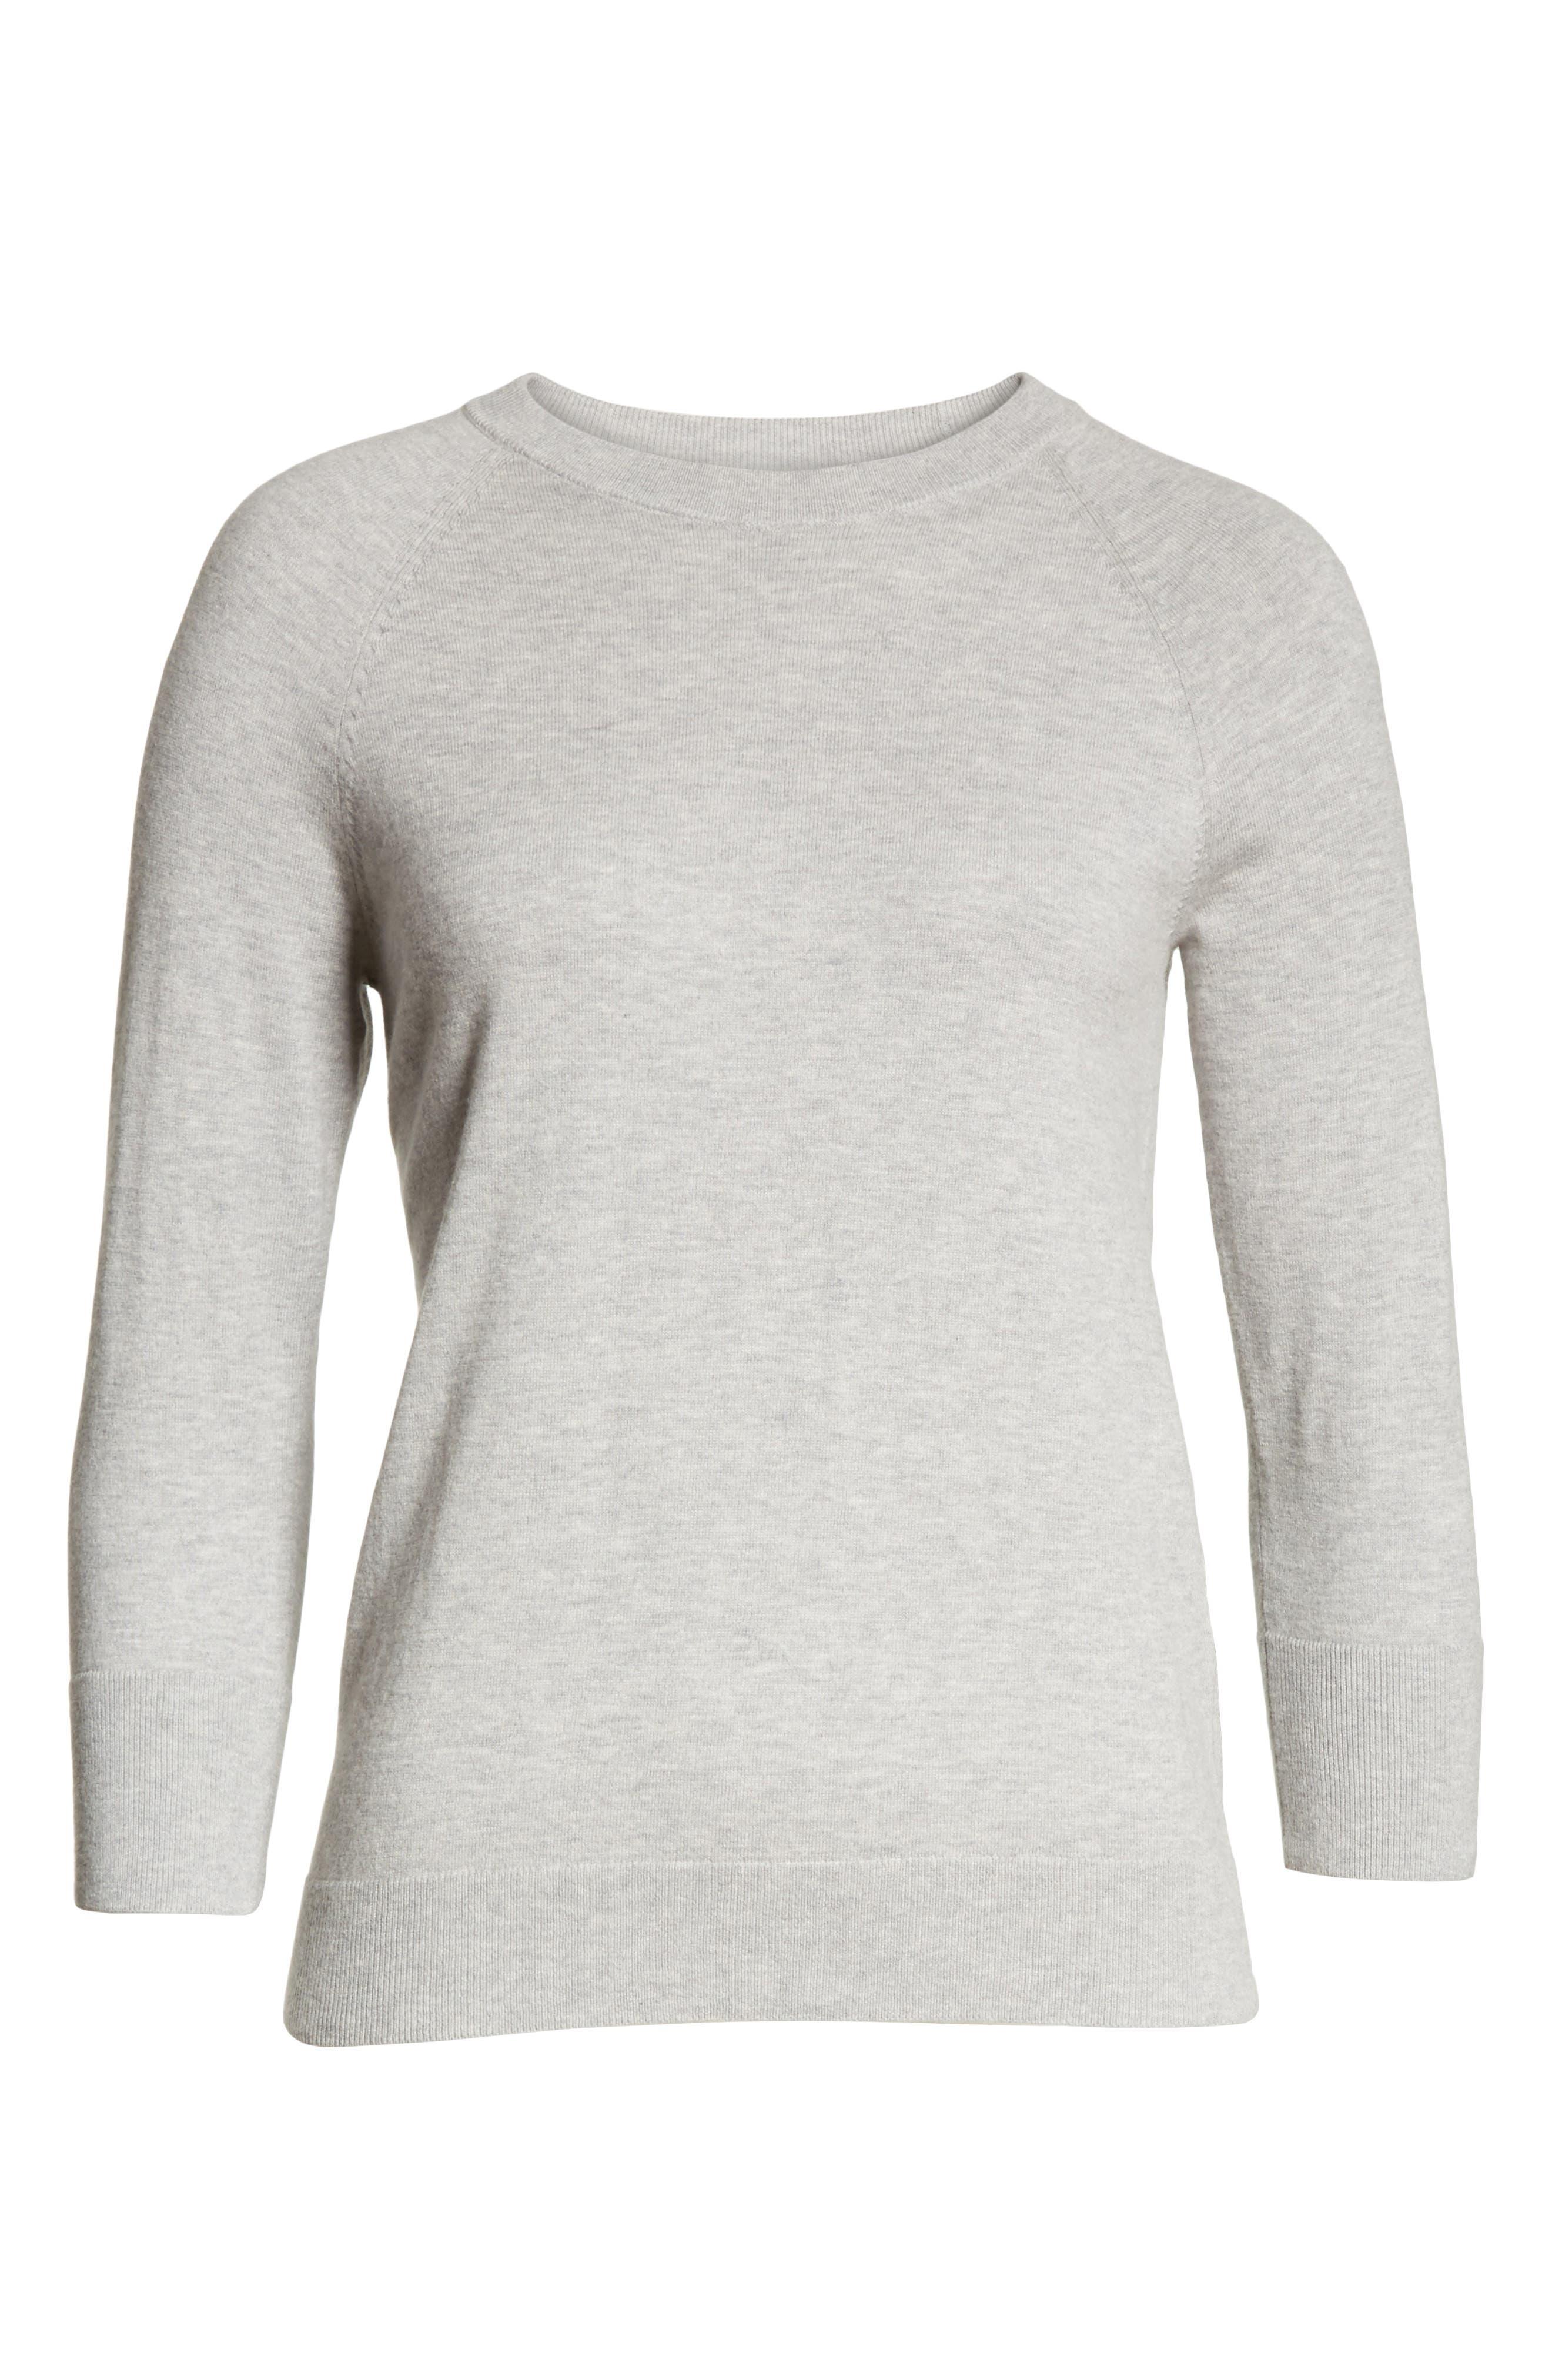 Cotton & Cashmere Sweater,                             Alternate thumbnail 6, color,                             051